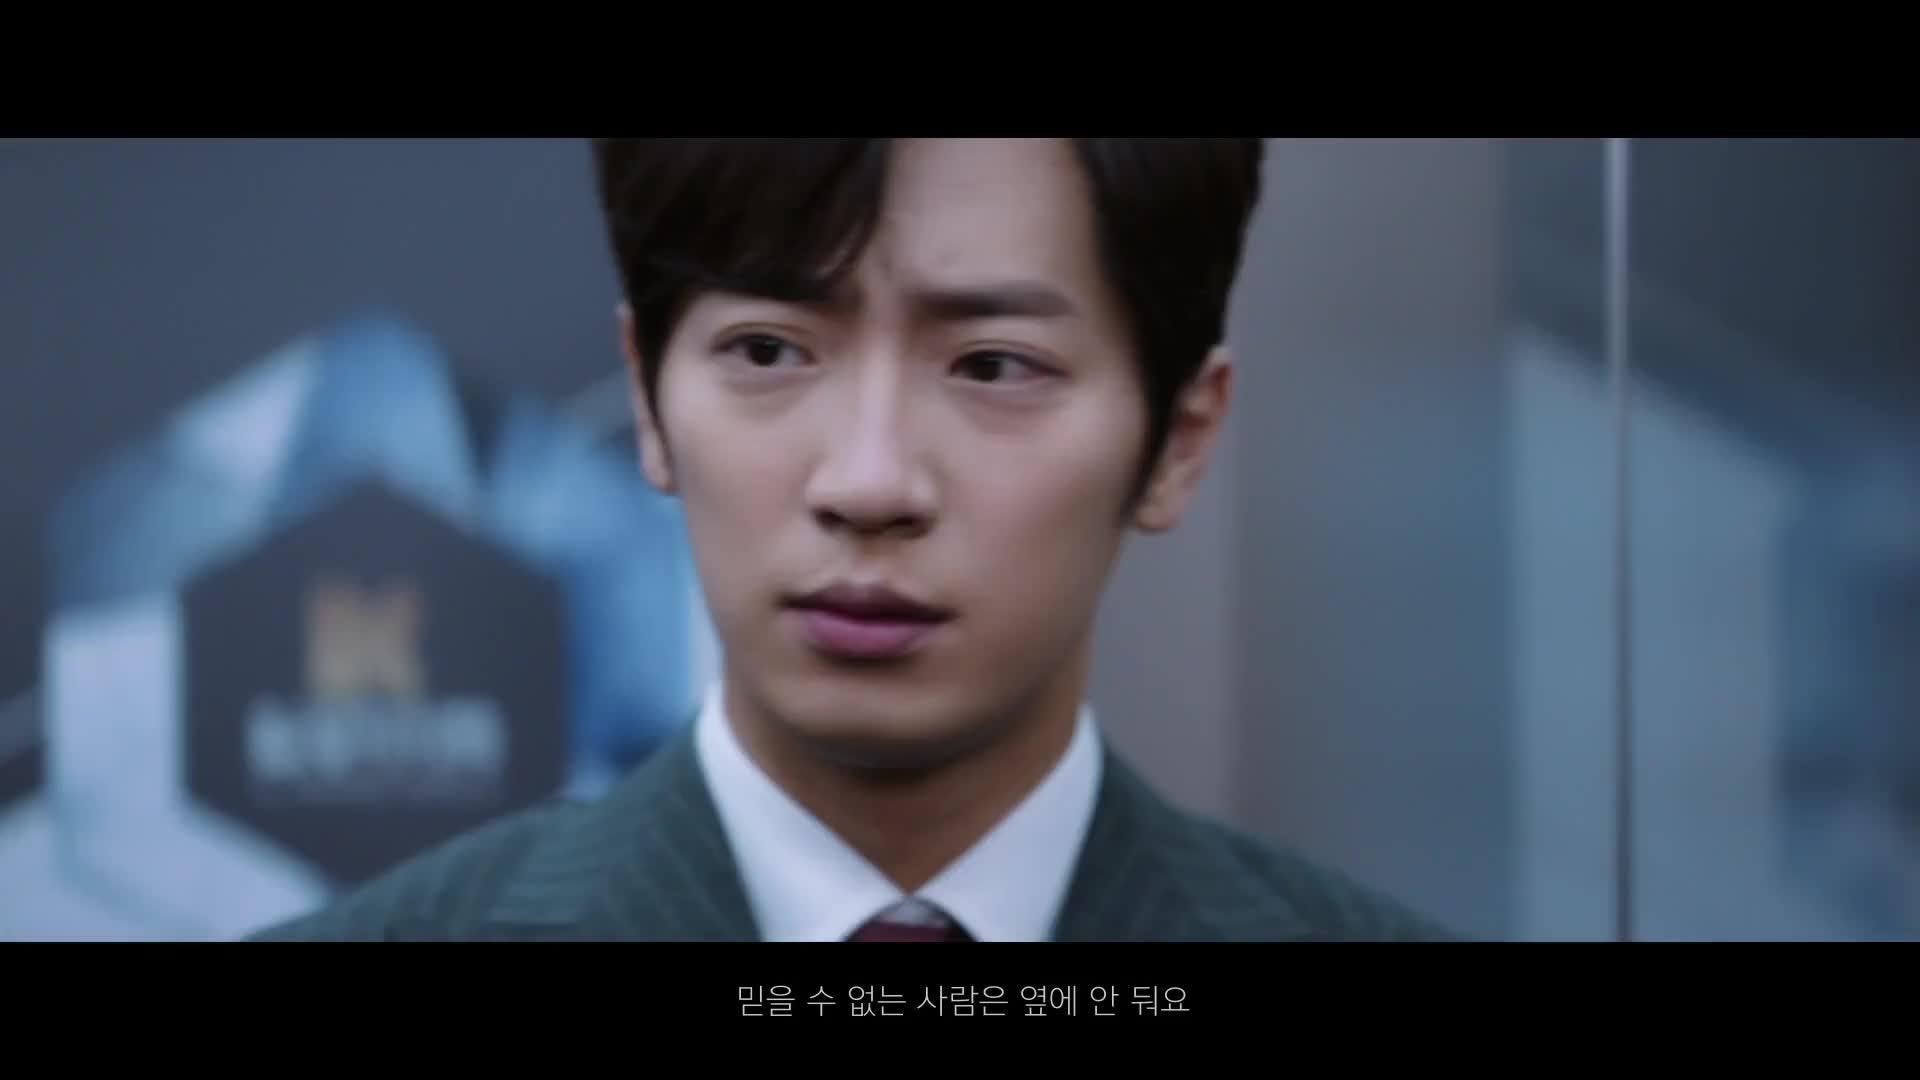 [티저0] '굿캐스팅' 최강희! 화끈한 액션으로 컴백